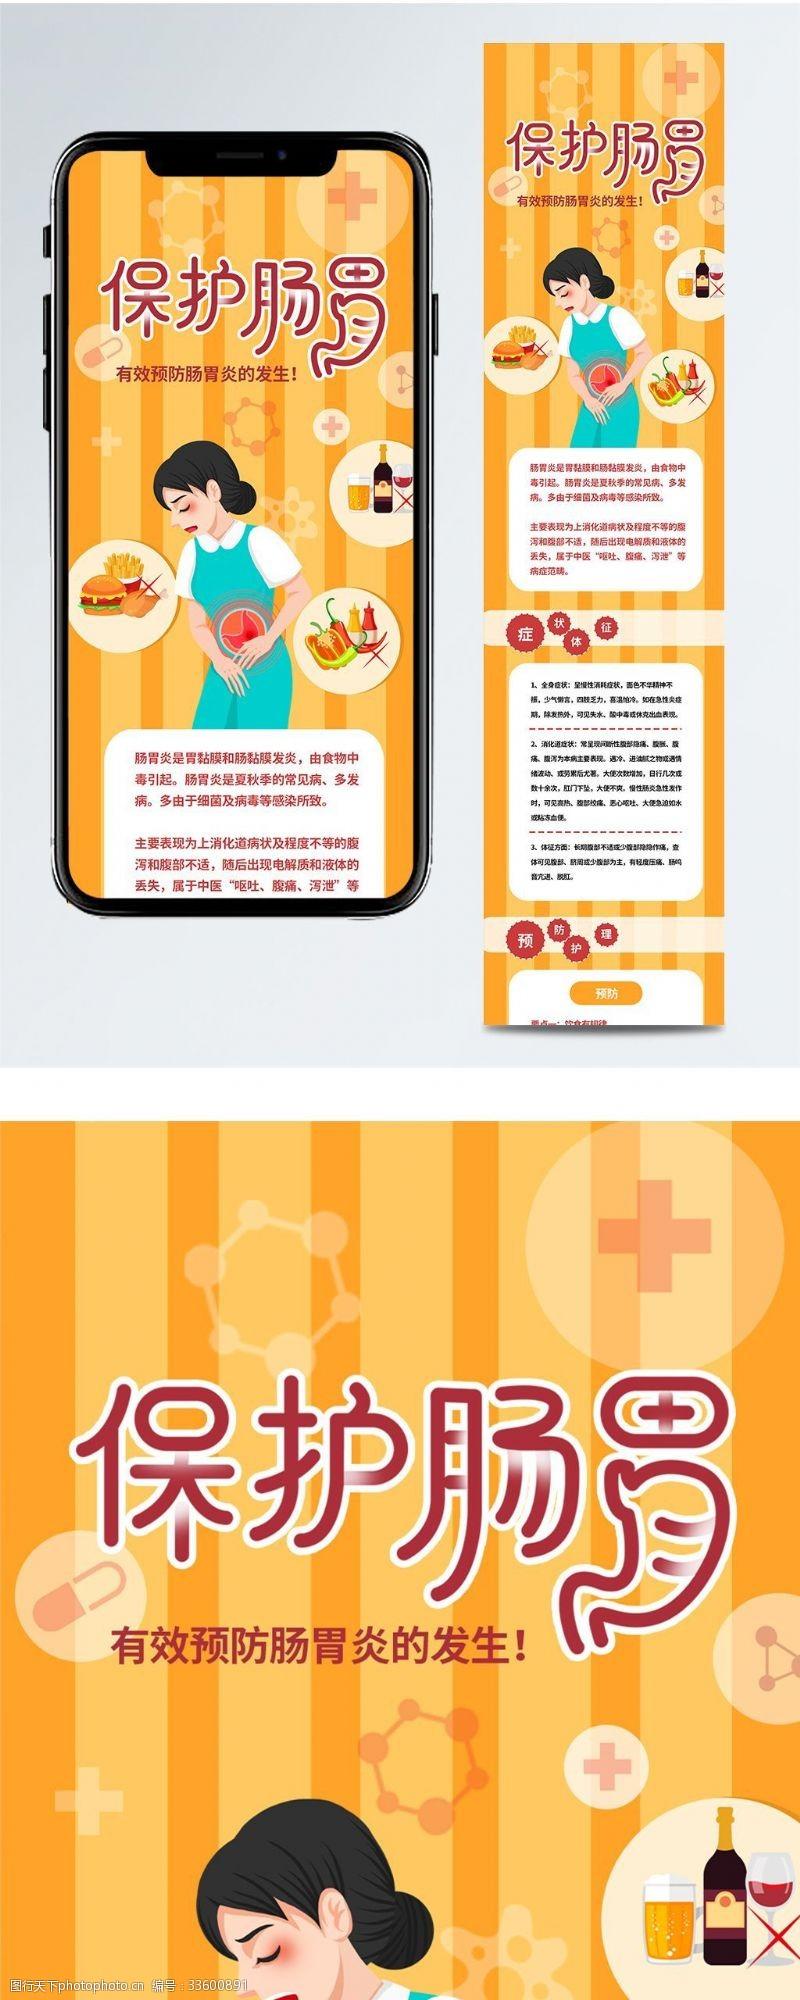 手机微信配图保护肠胃健康预防胃病信息长图